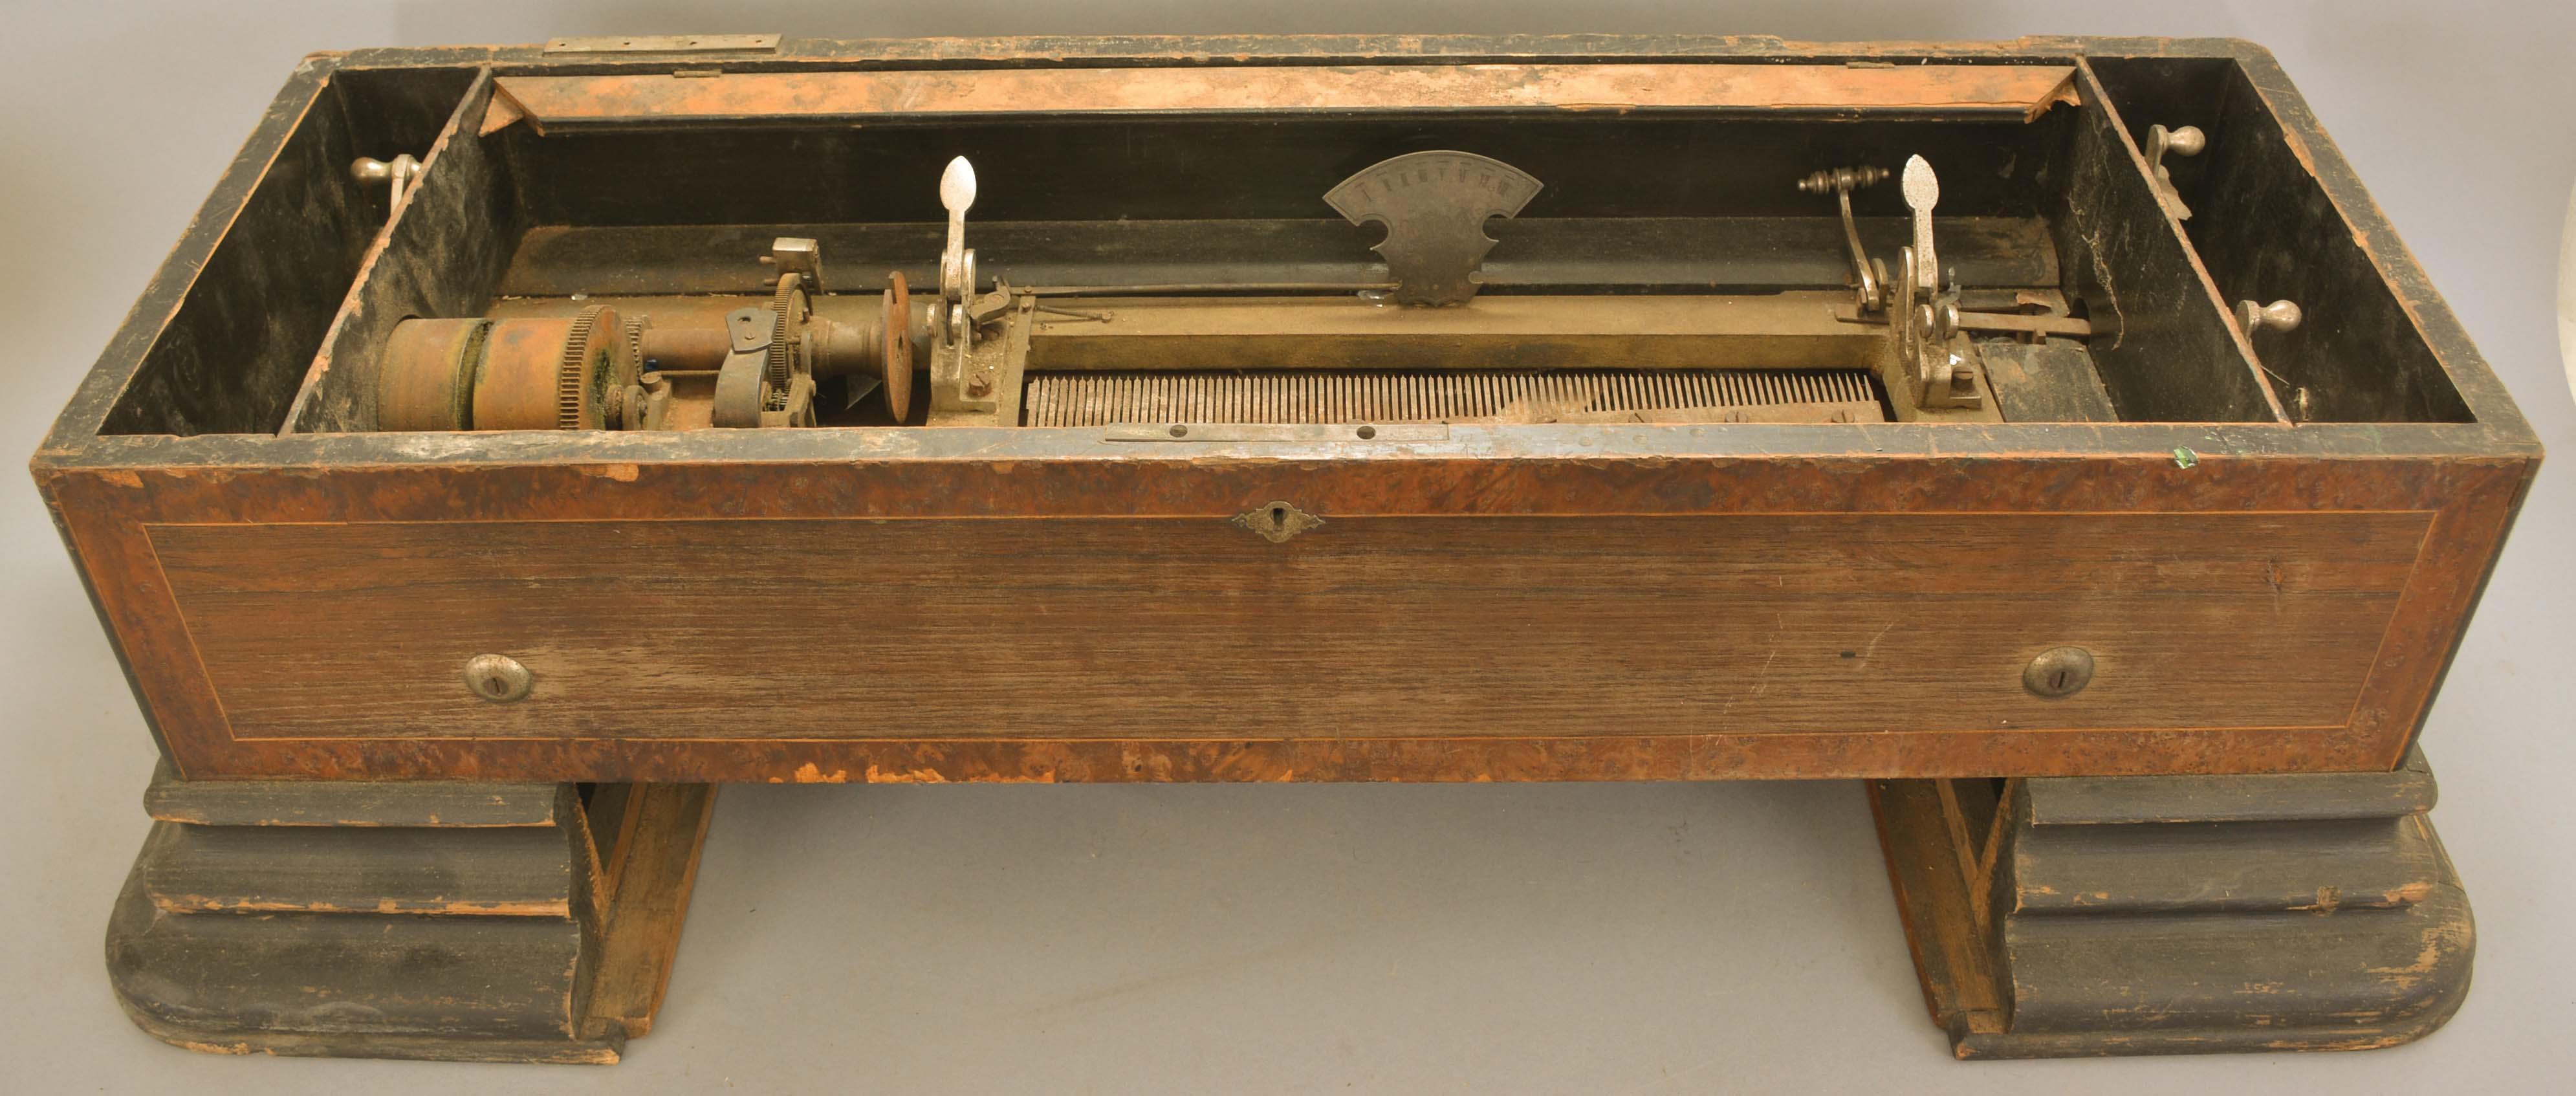 18598_01.jpg